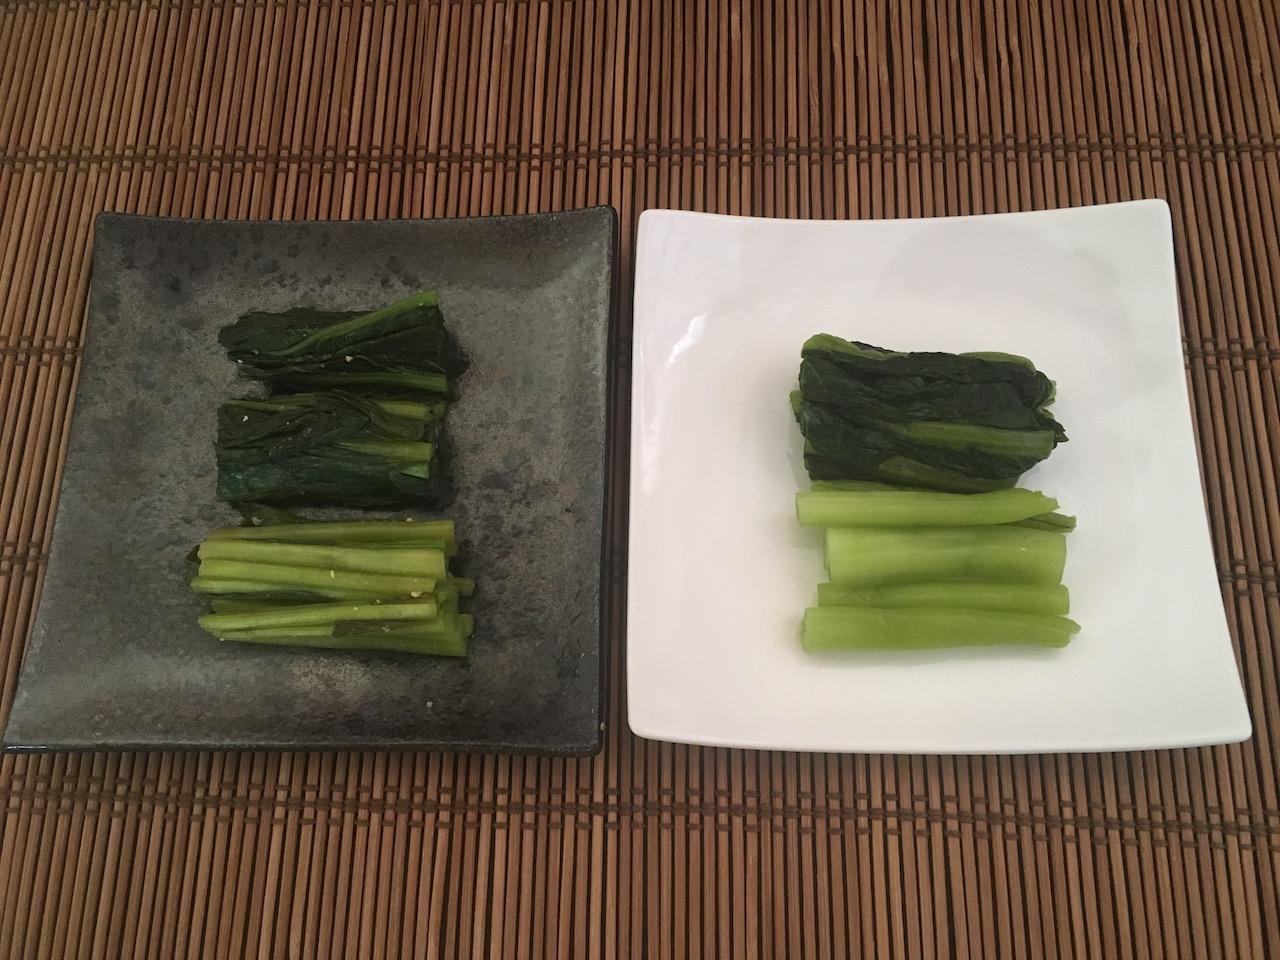 小松菜のぬか漬けと野沢菜